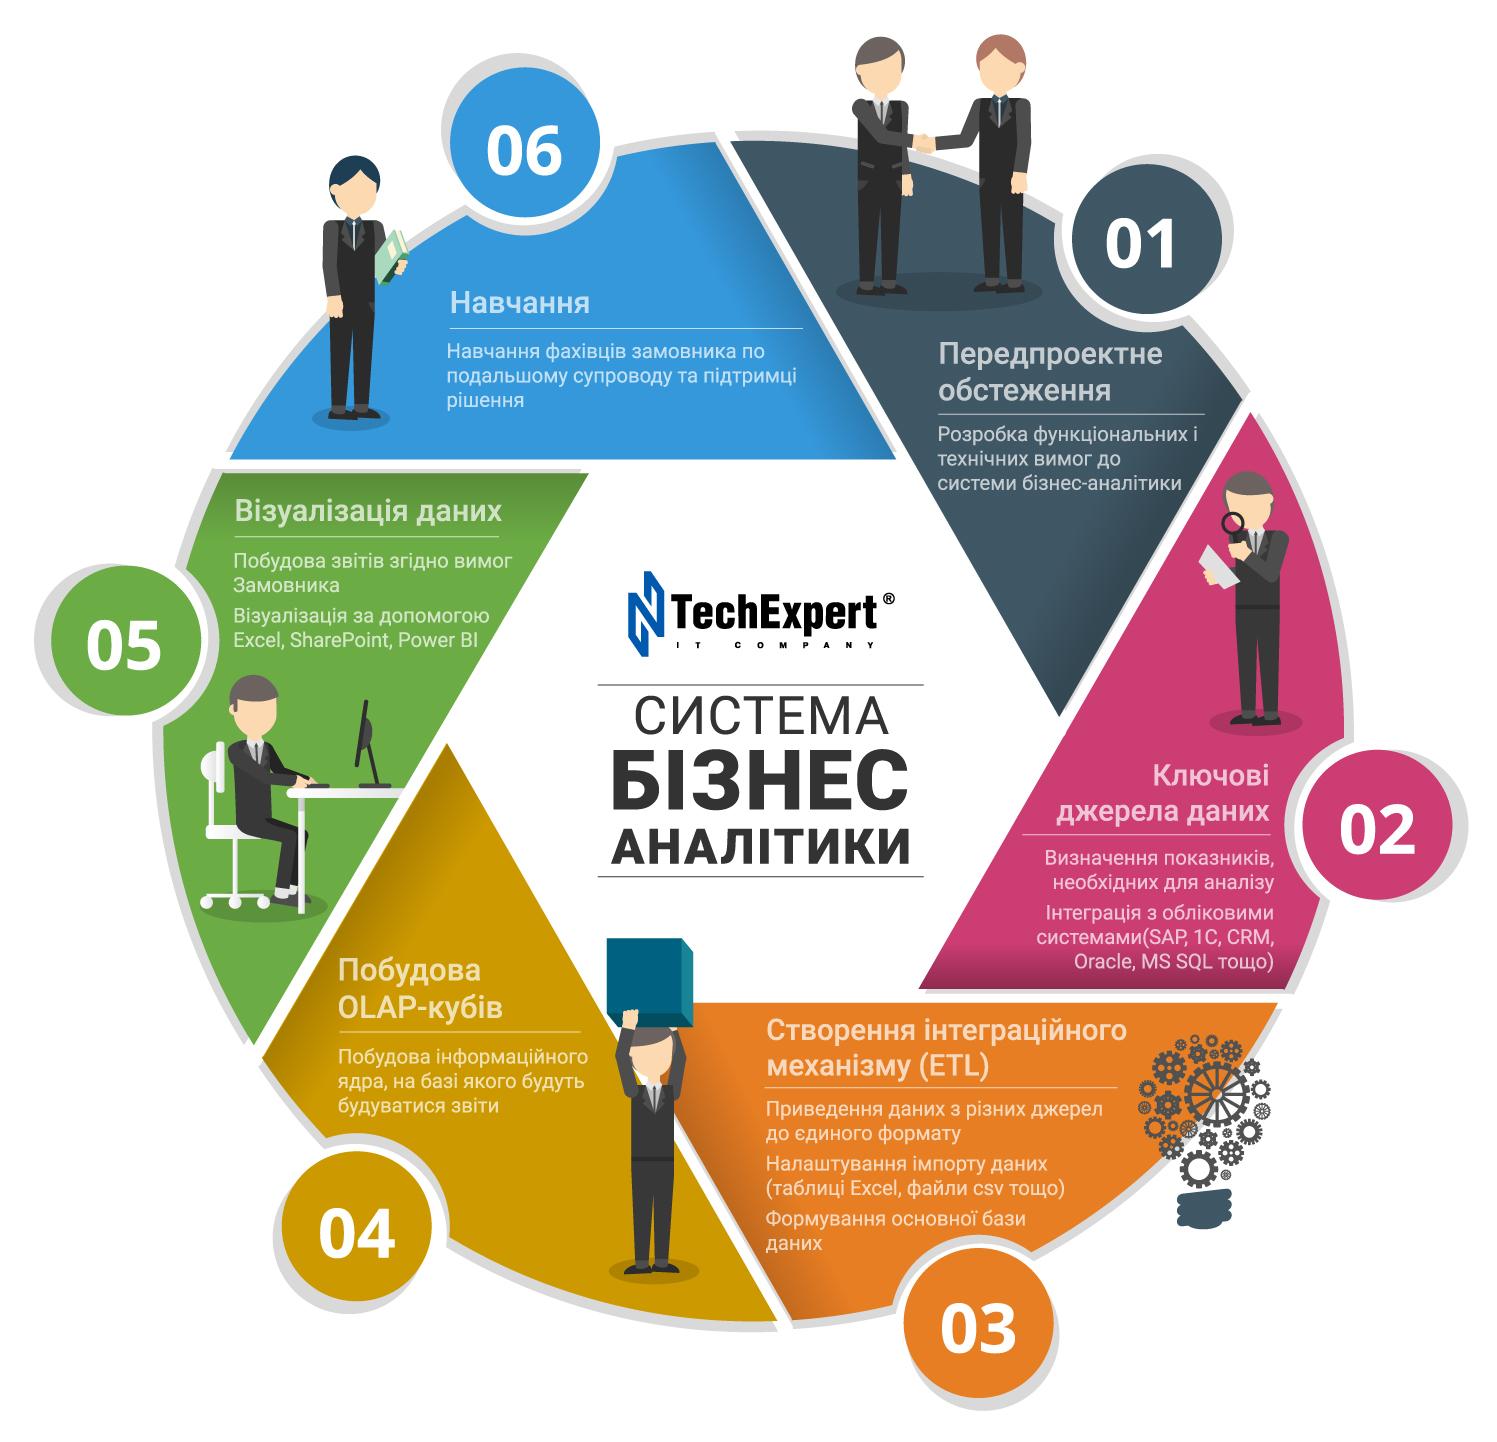 Система бізнес-аналітики. Power BI